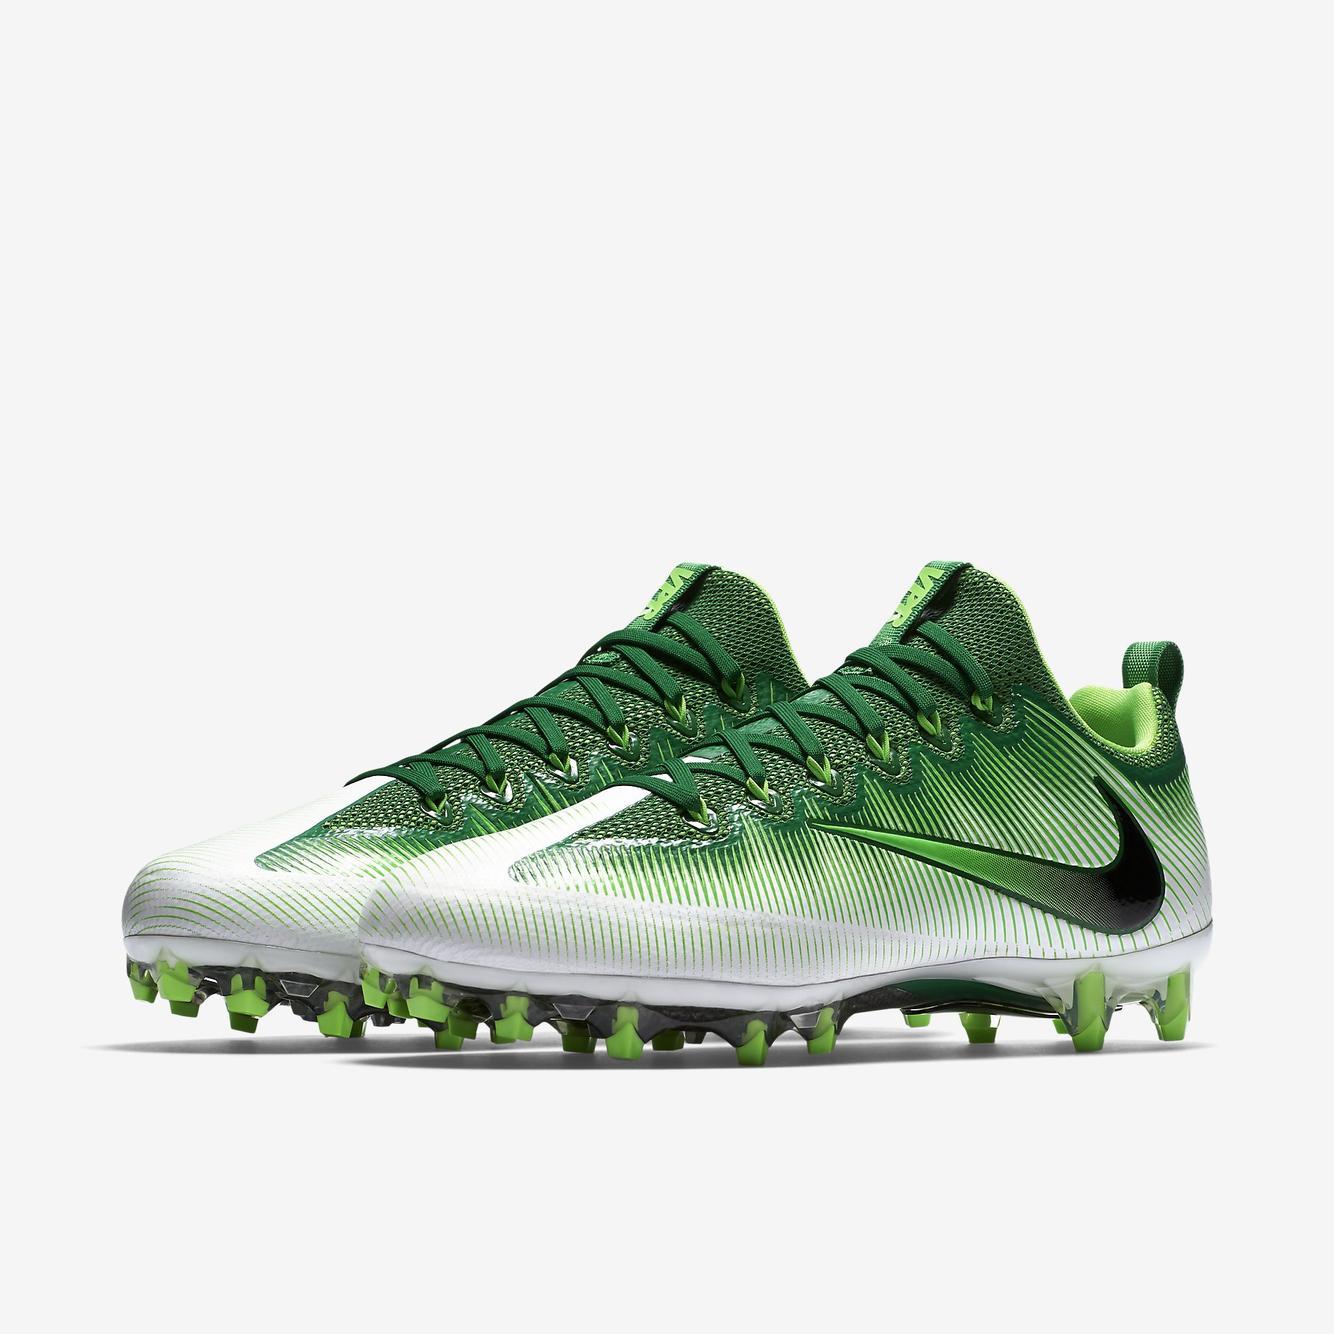 Nike Vapor Untouchable Pro Low sz 16